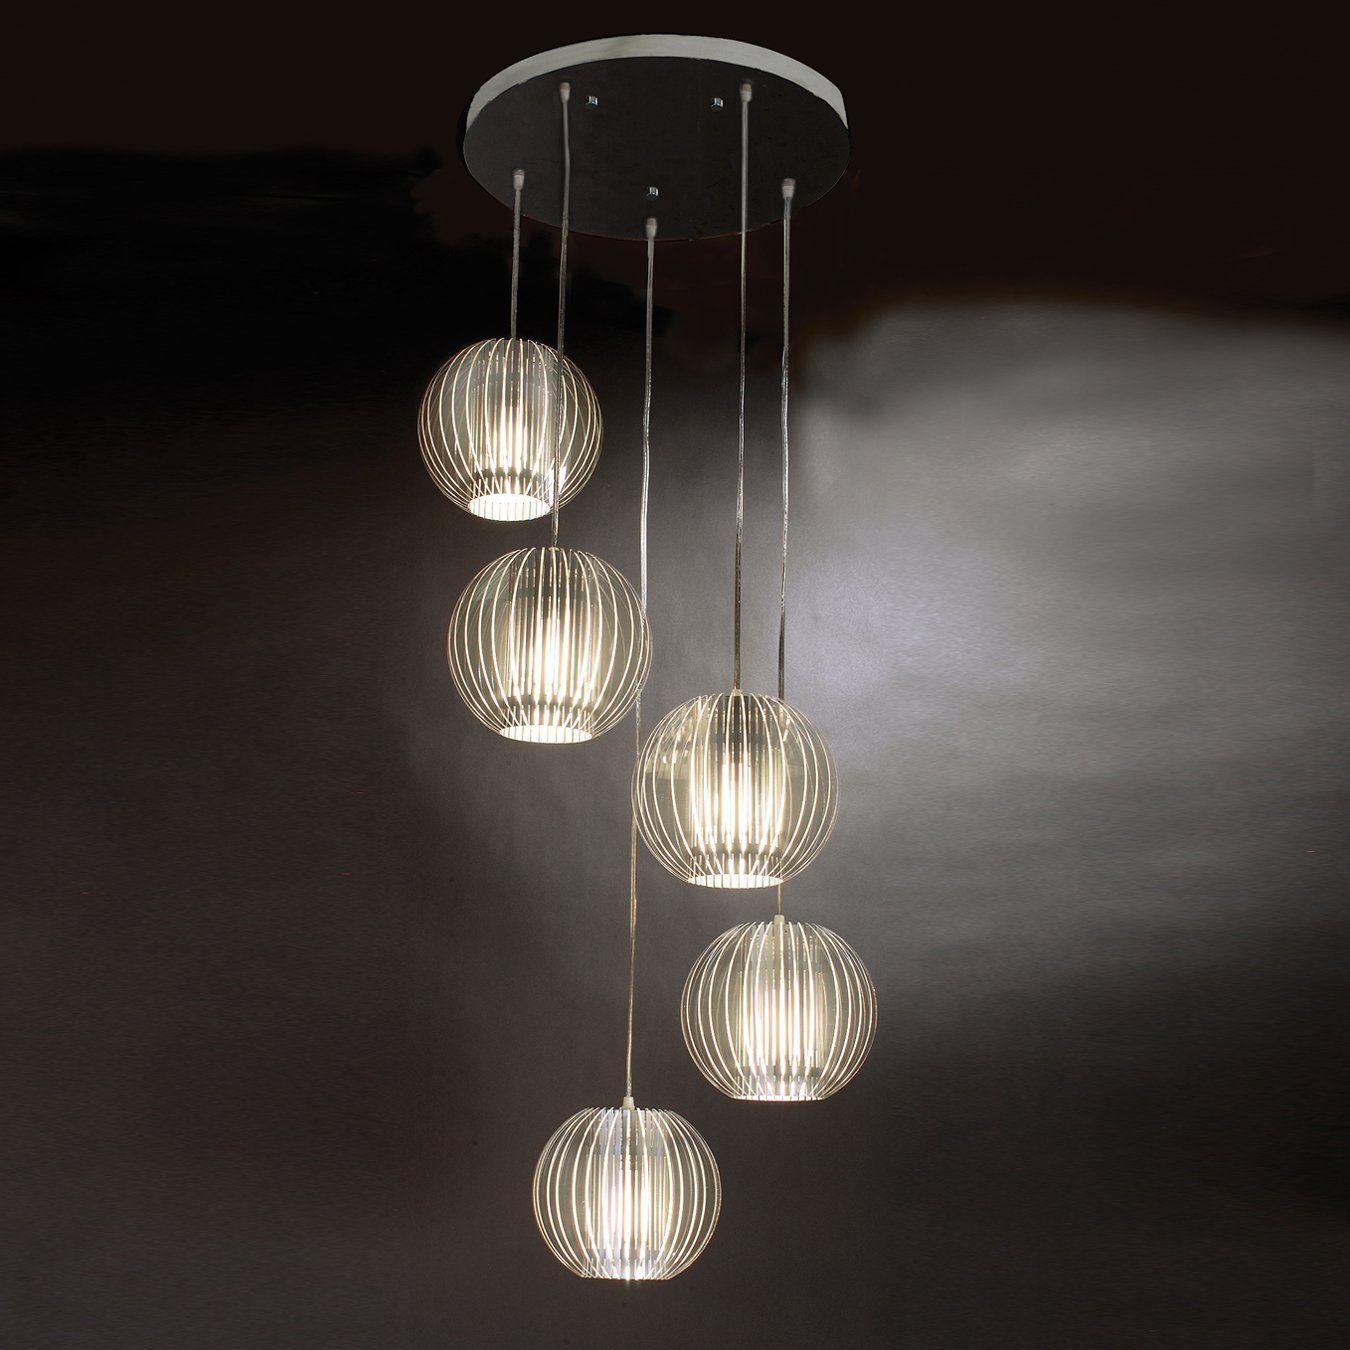 multi light pendant lighting. Trend Lighting TP6300-5 5 Light Phoenix Multi-Light Pendant, Clear Acrylic - Multi Pendant